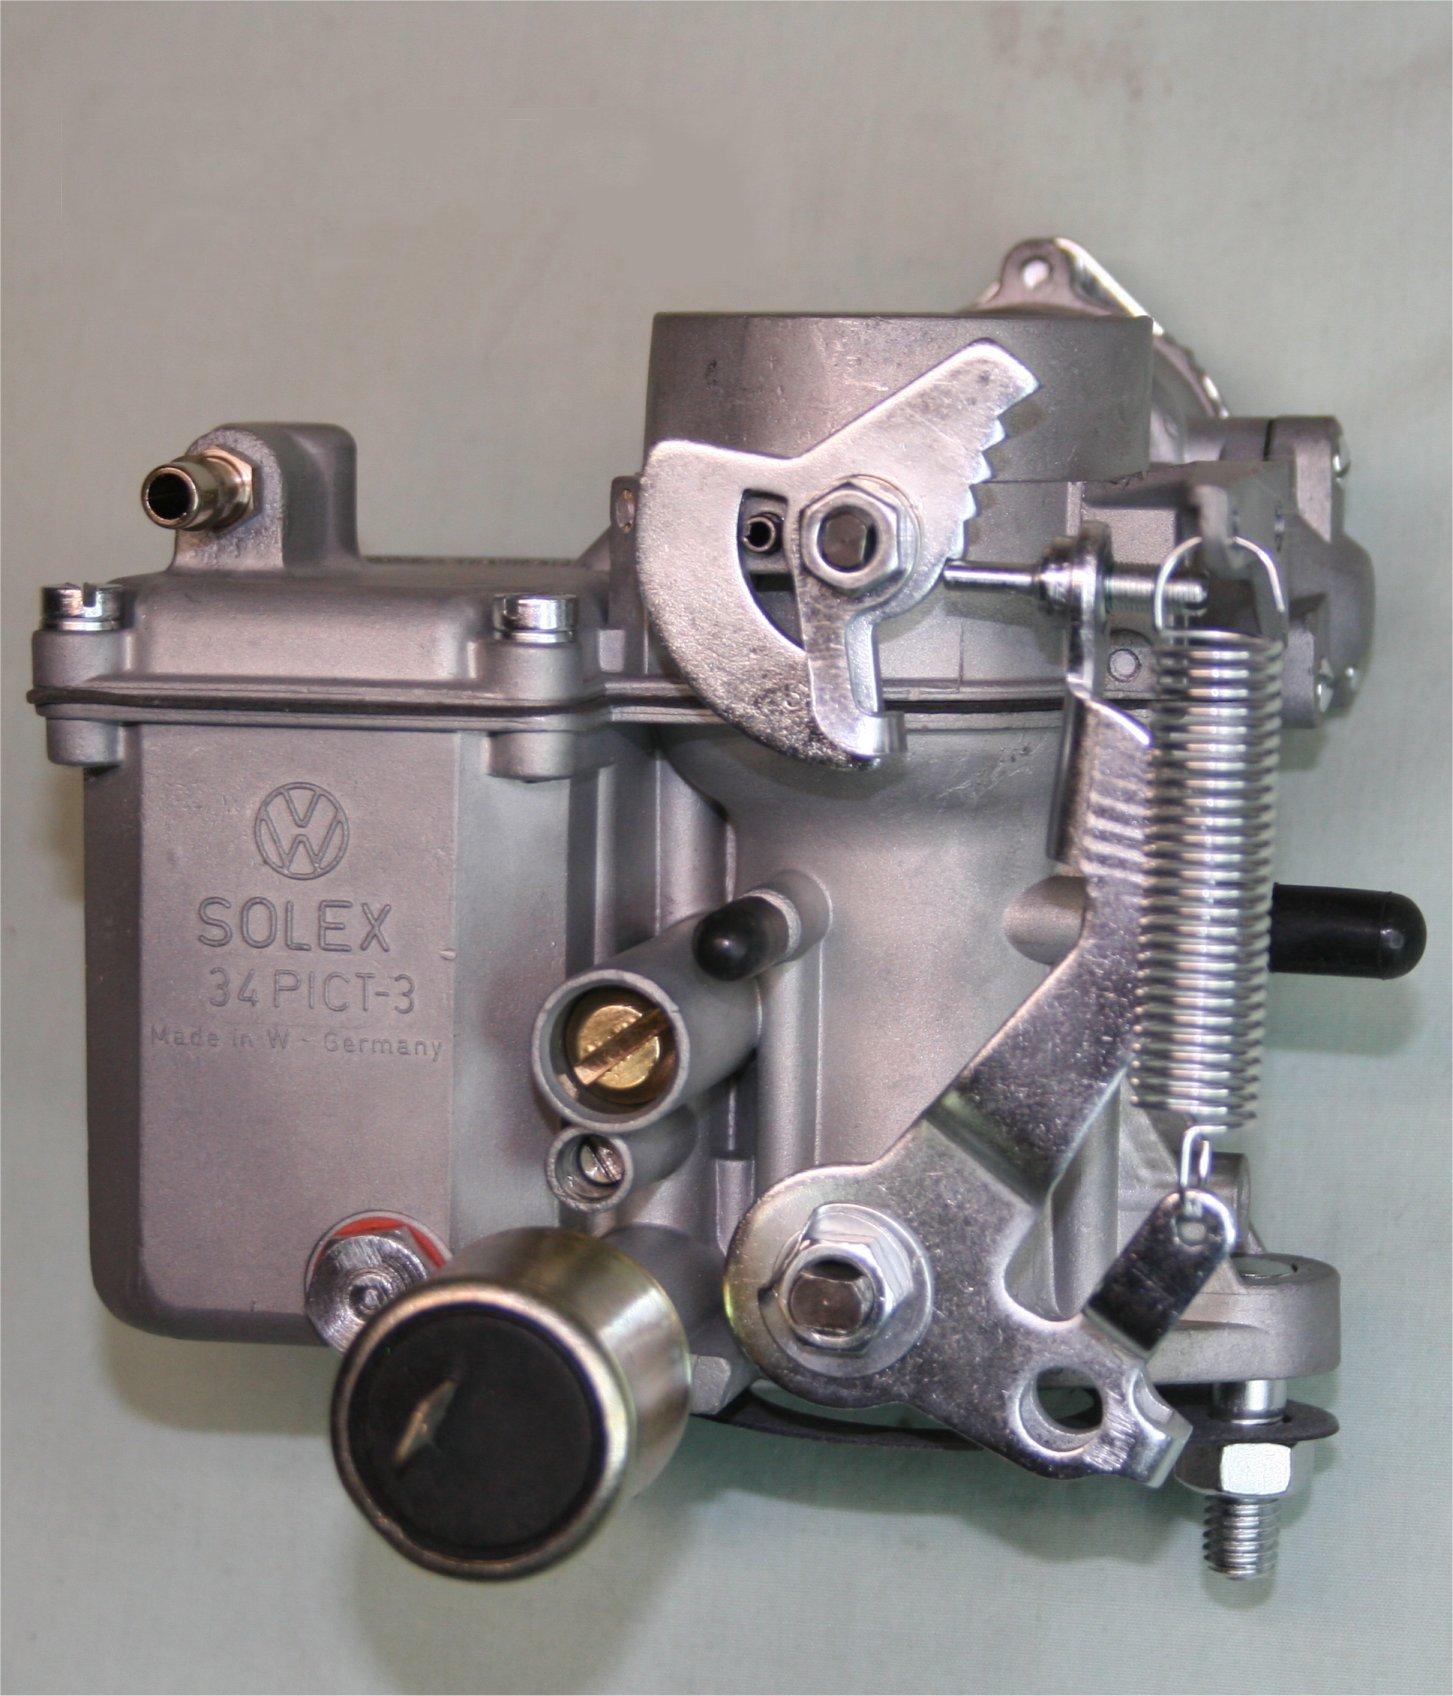 hight resolution of file vw solex 34pict 3 carburetor jpg